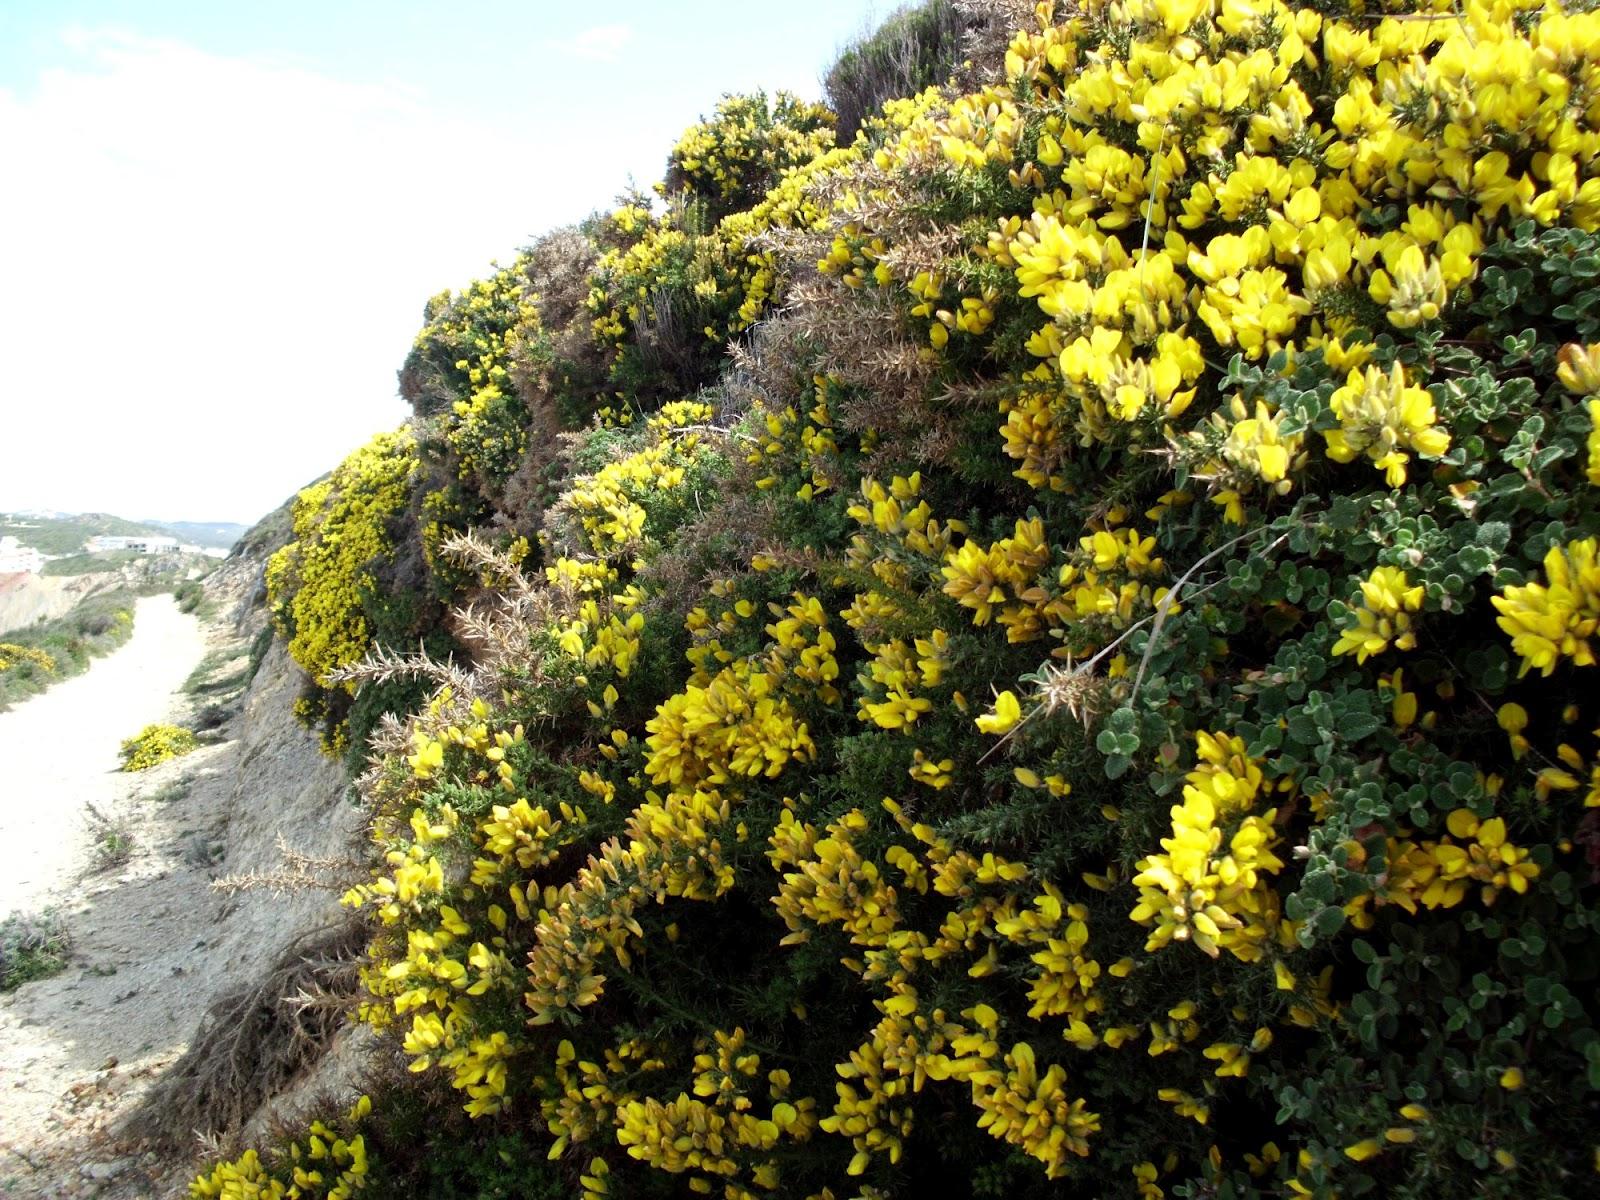 plantas jardim litoral : plantas jardim litoral:Jardim Suspenso: Flores da nossa costa.